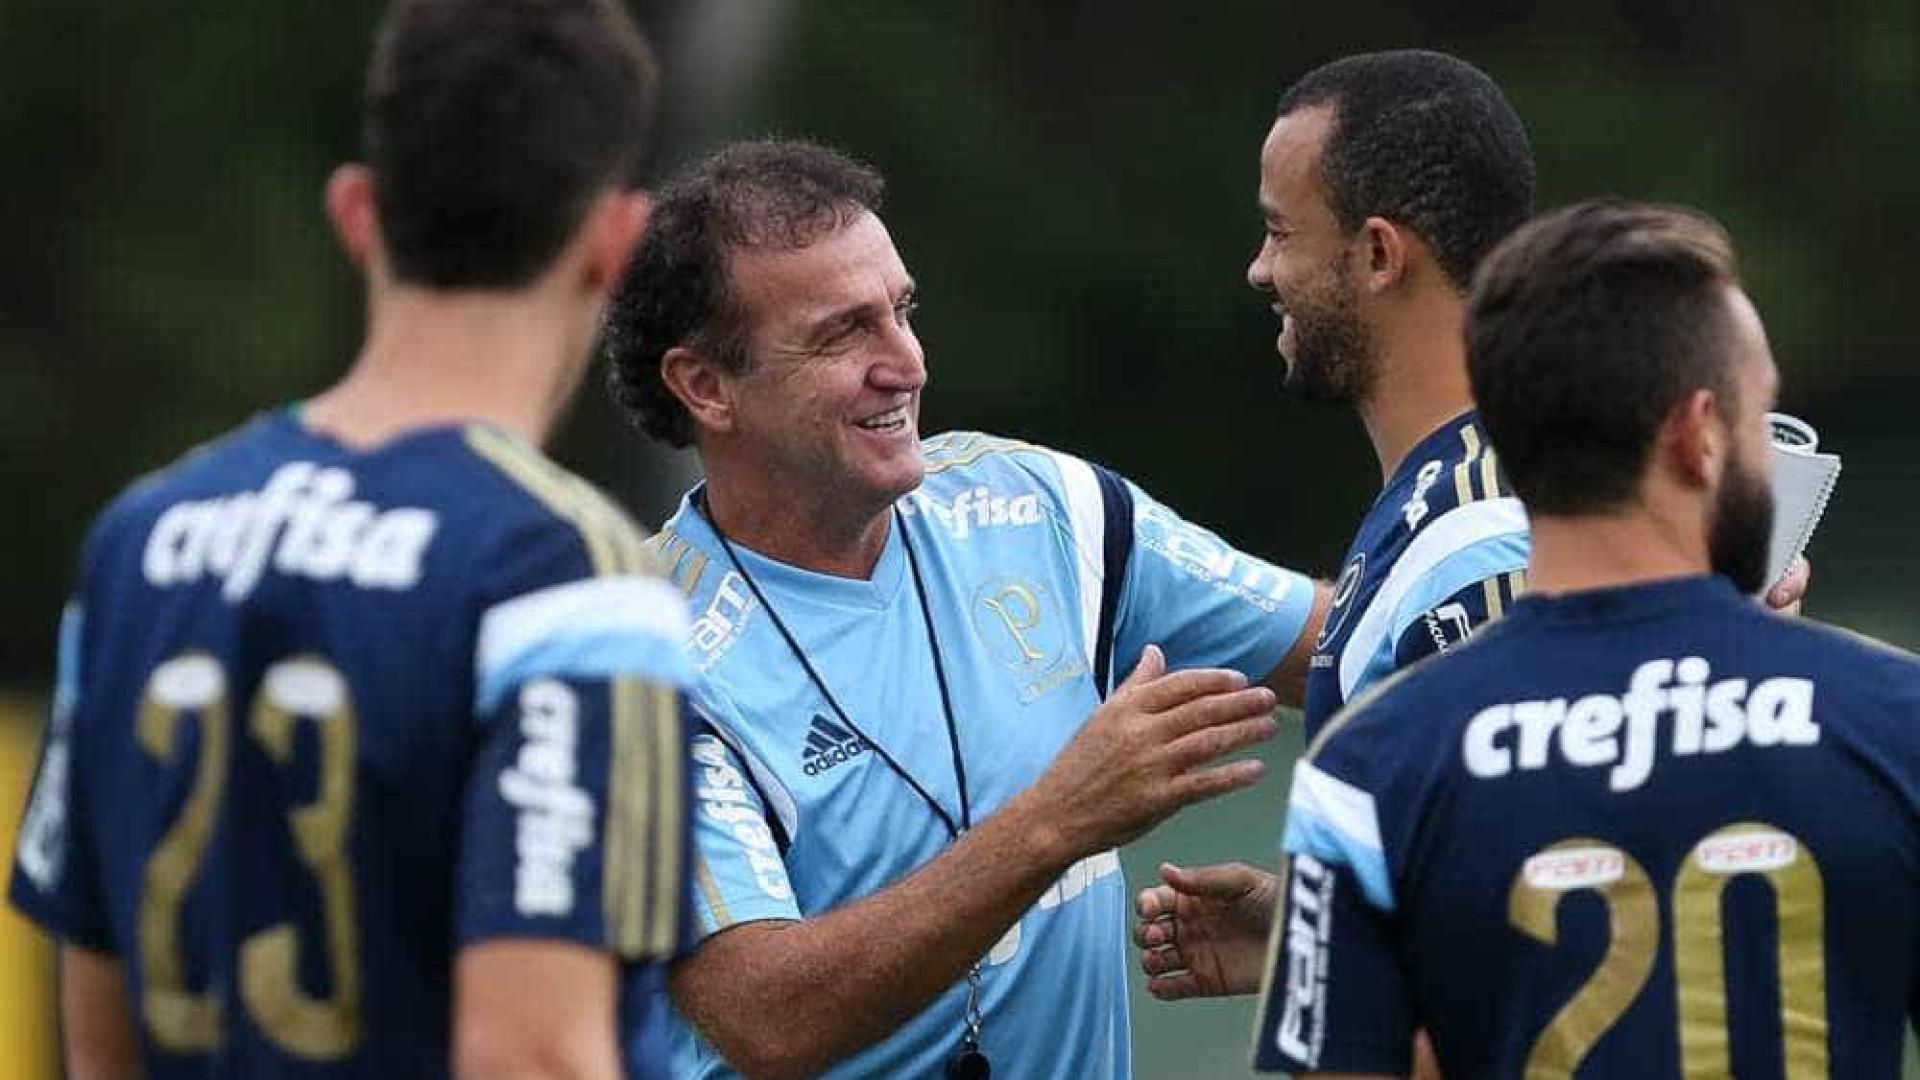 b83b851217 Notícias ao Minuto Brasil - Palmeiras promove treino intenso de ...